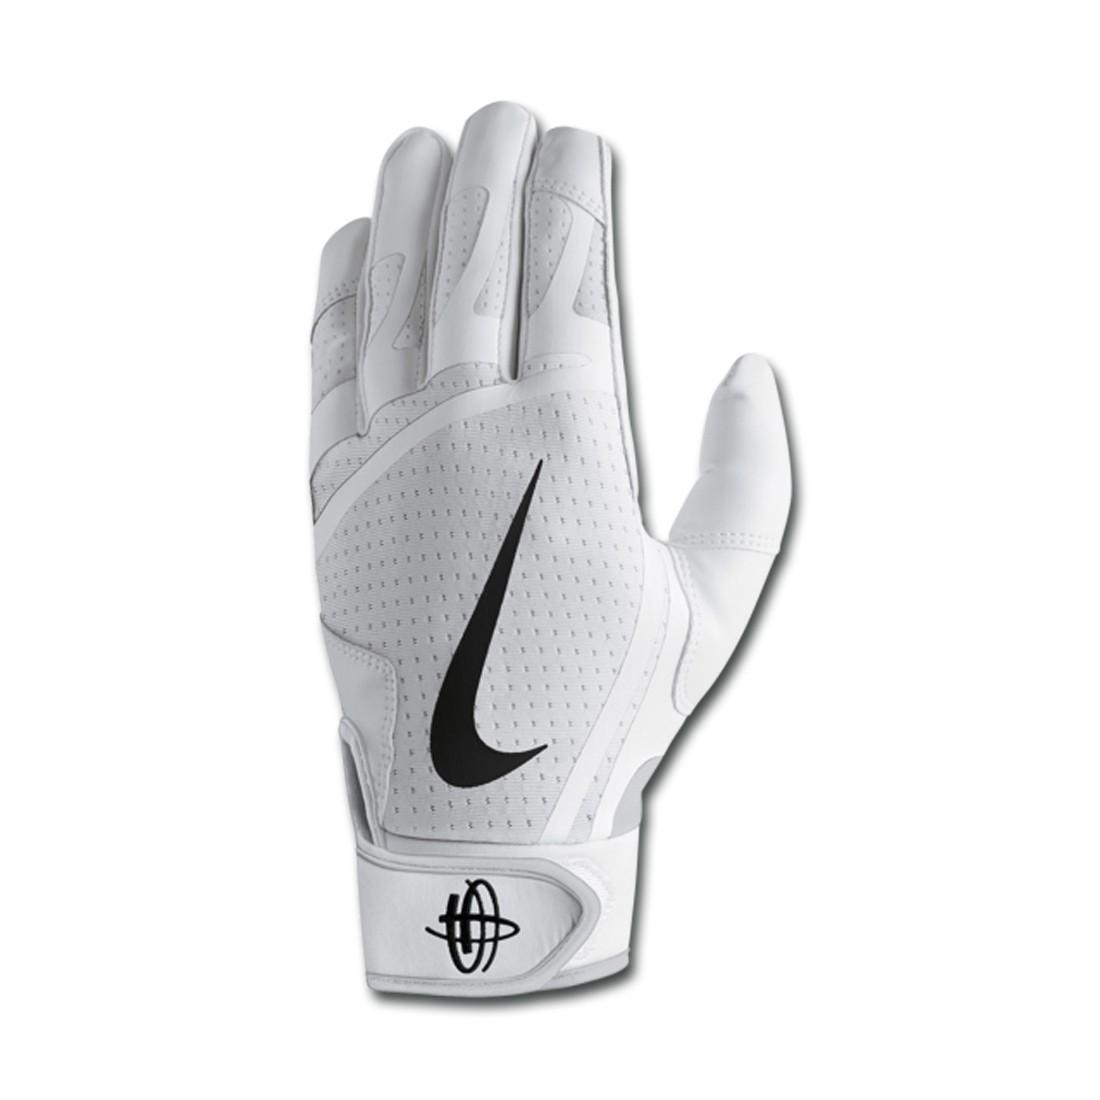 Nike Huarache Edge Youth Batting Gloves